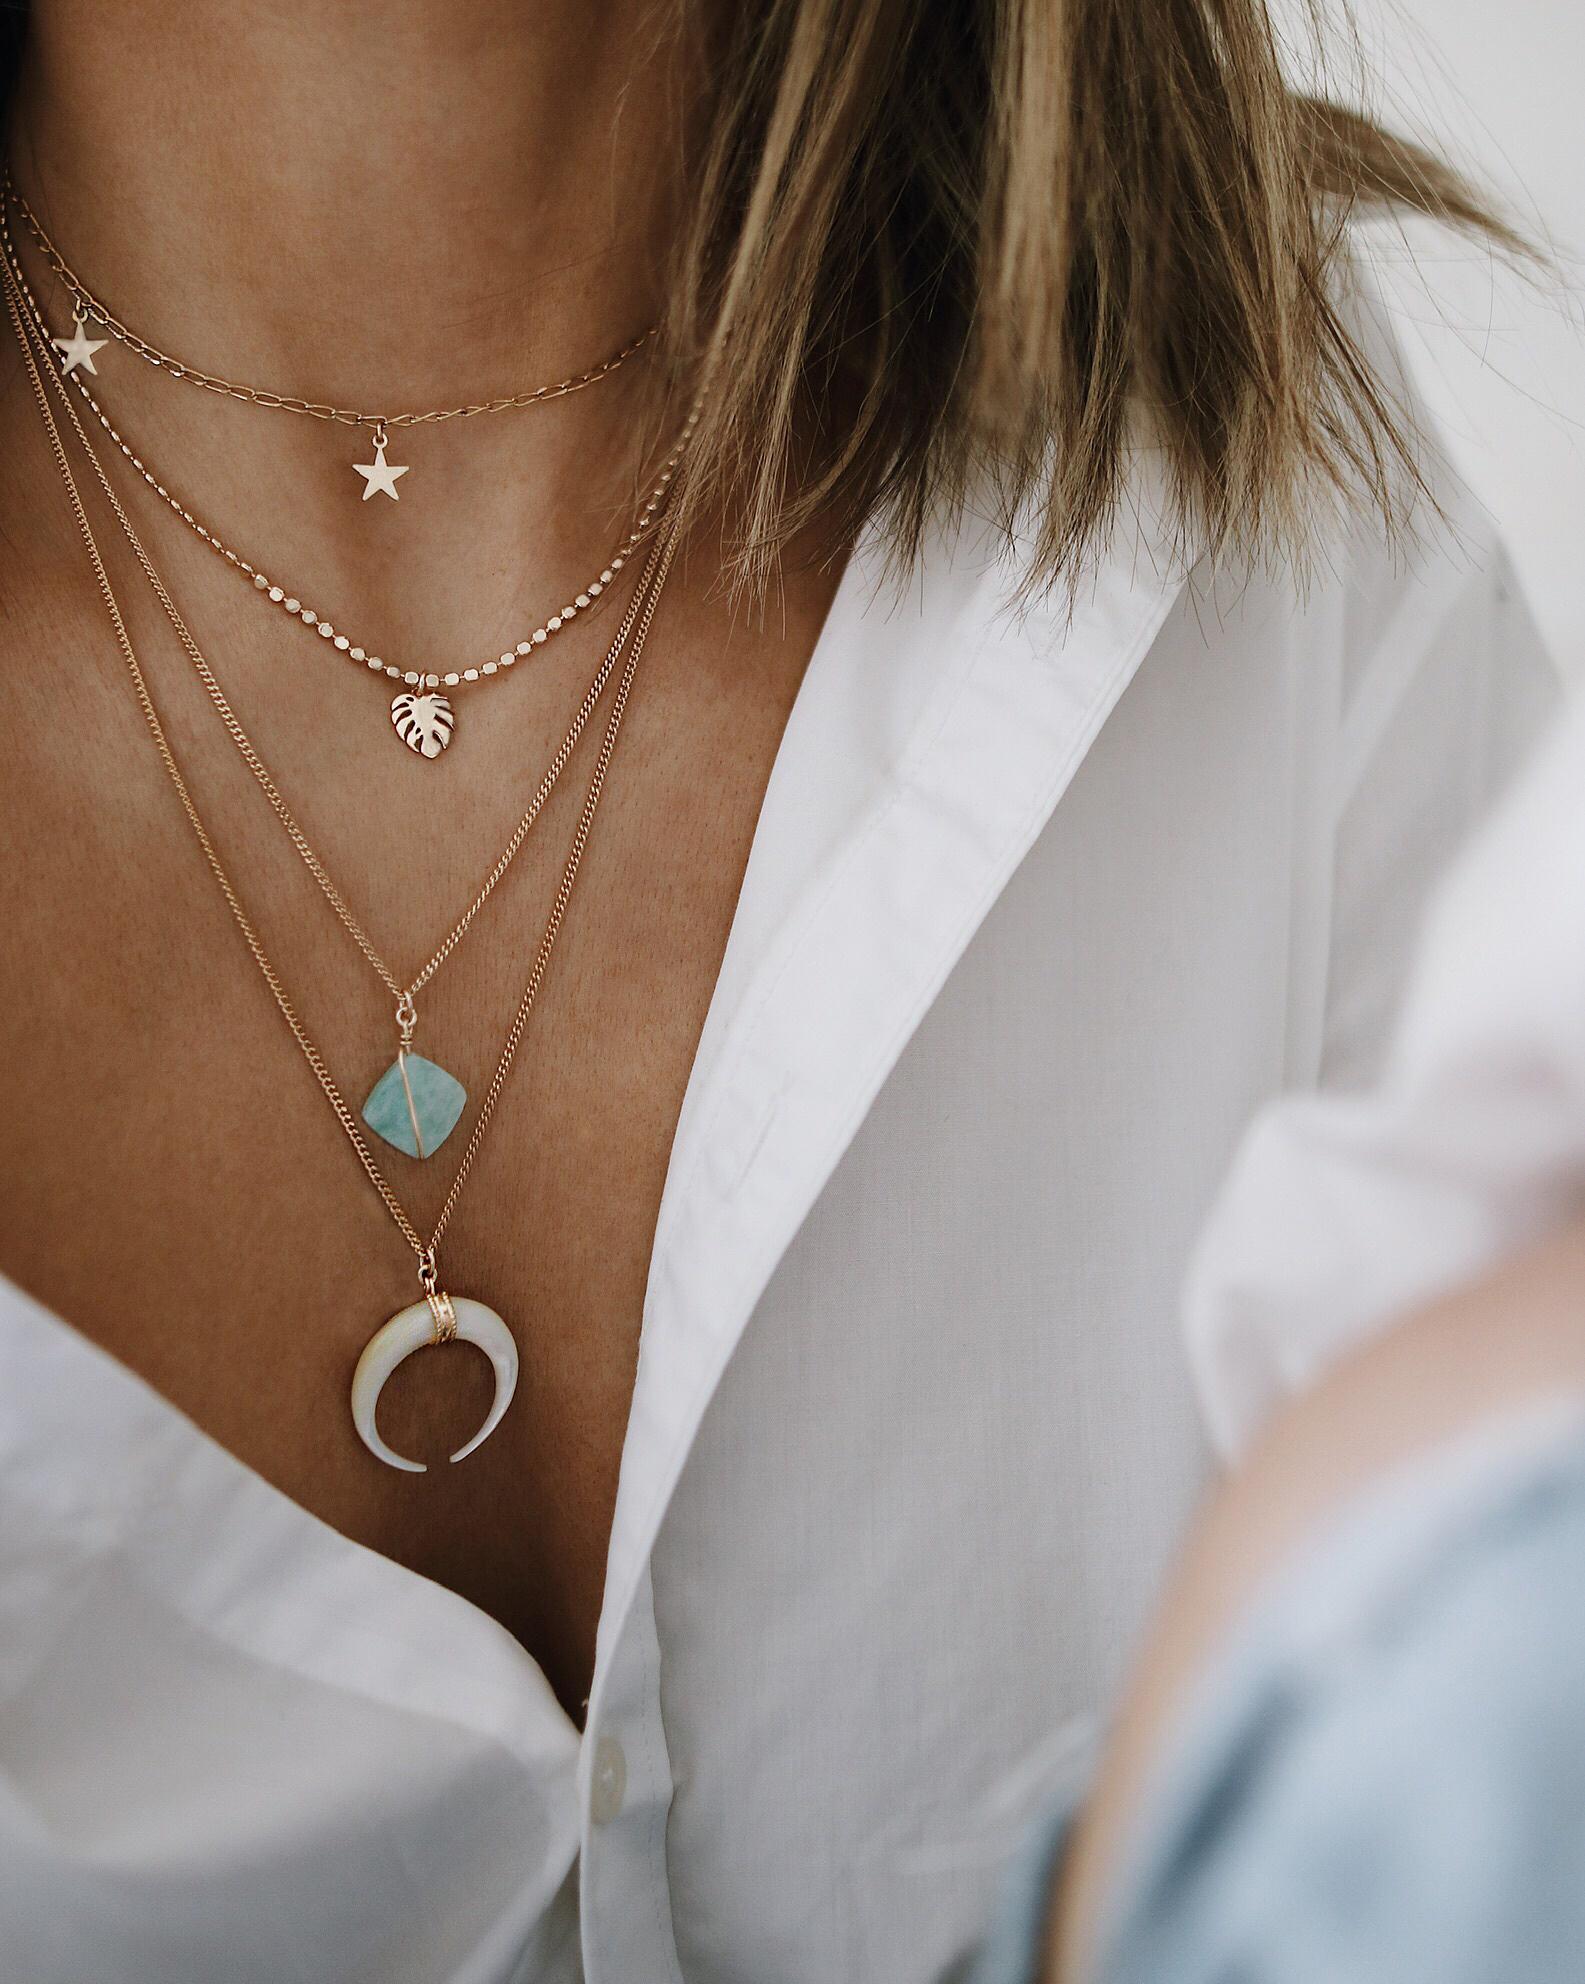 colliers Grace et Rose, bijoux fait main, bijoux crétaeur, bijoux lover, accumulation colliers or